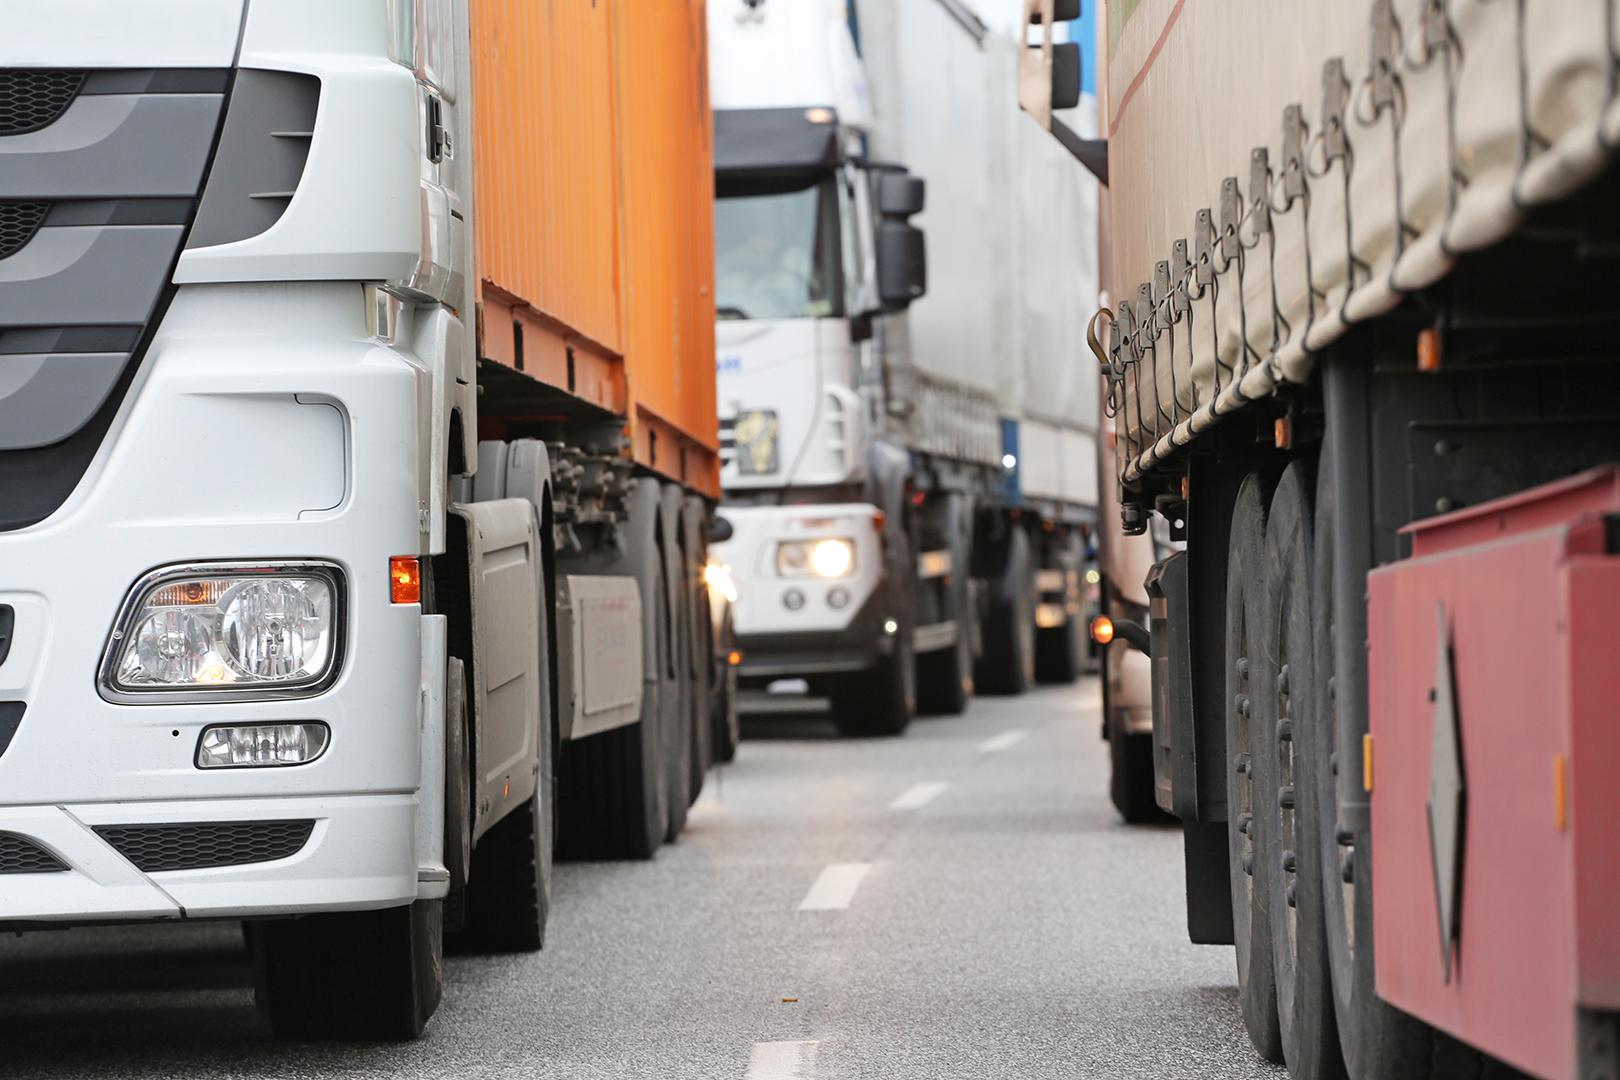 Paralisação não pode prejudicar entrega e transporte de combustível